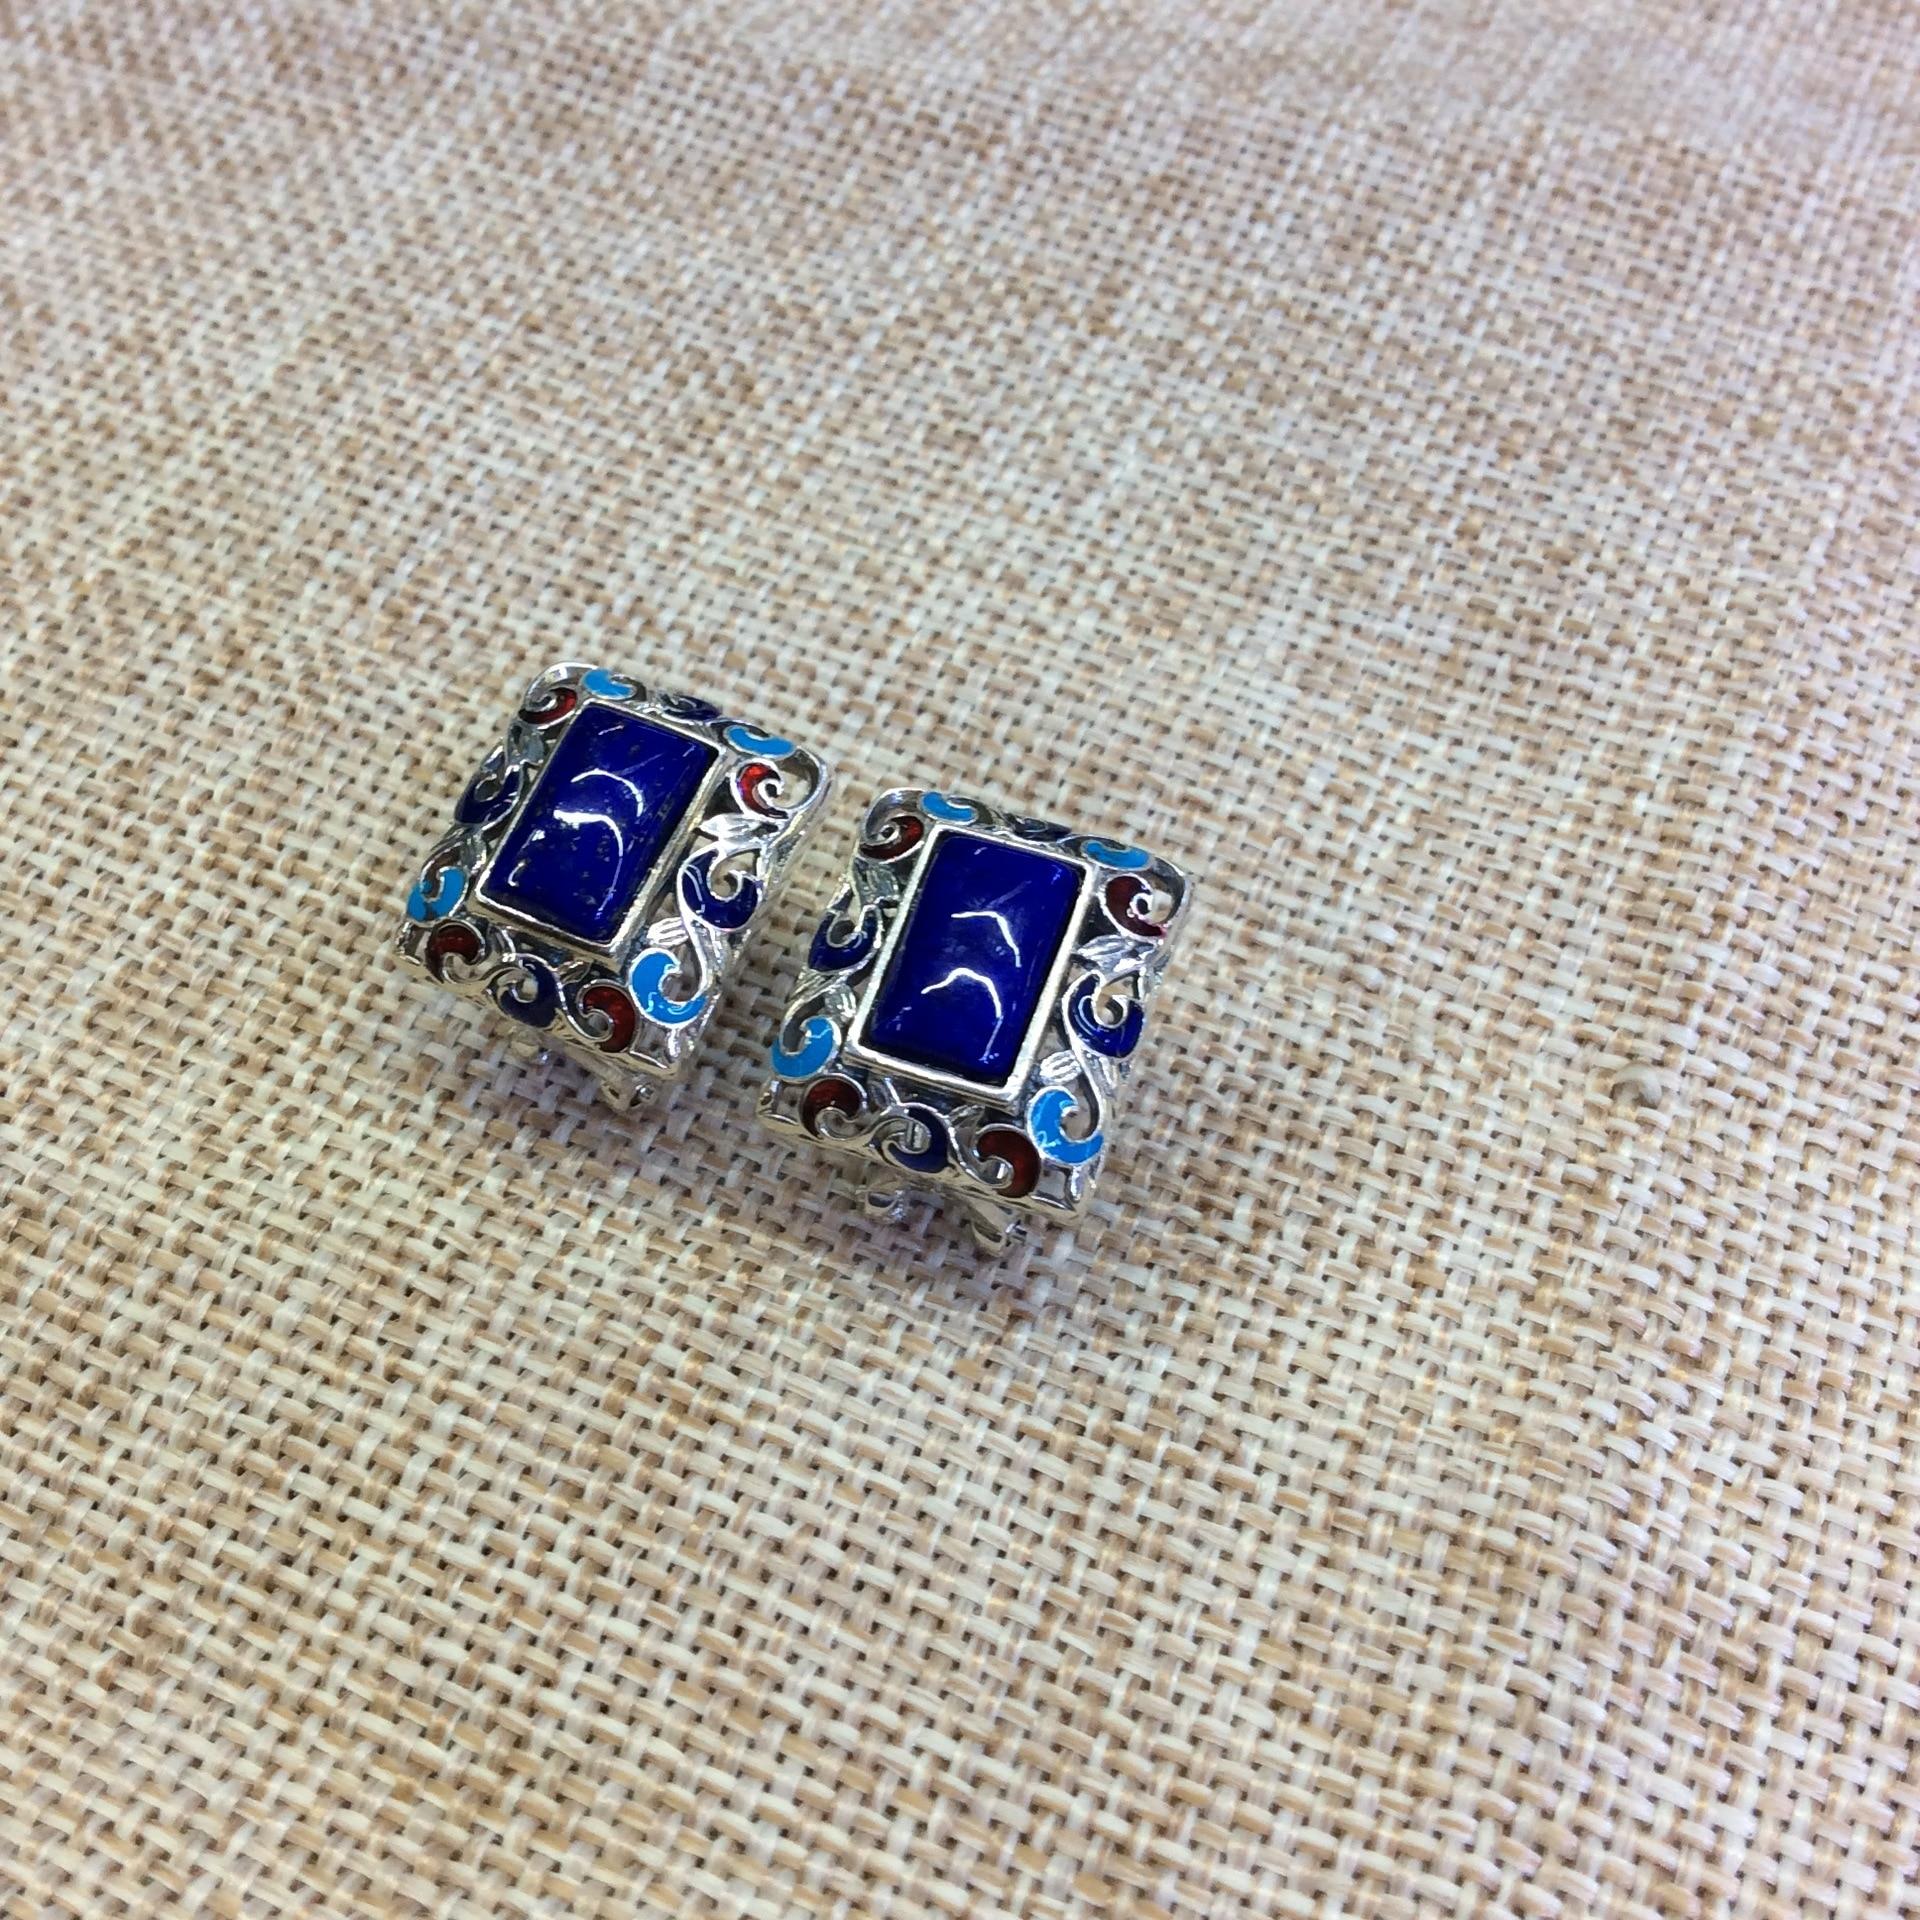 [S925] boucles d'oreilles en argent naturel avec incrustation de lapis lazuli